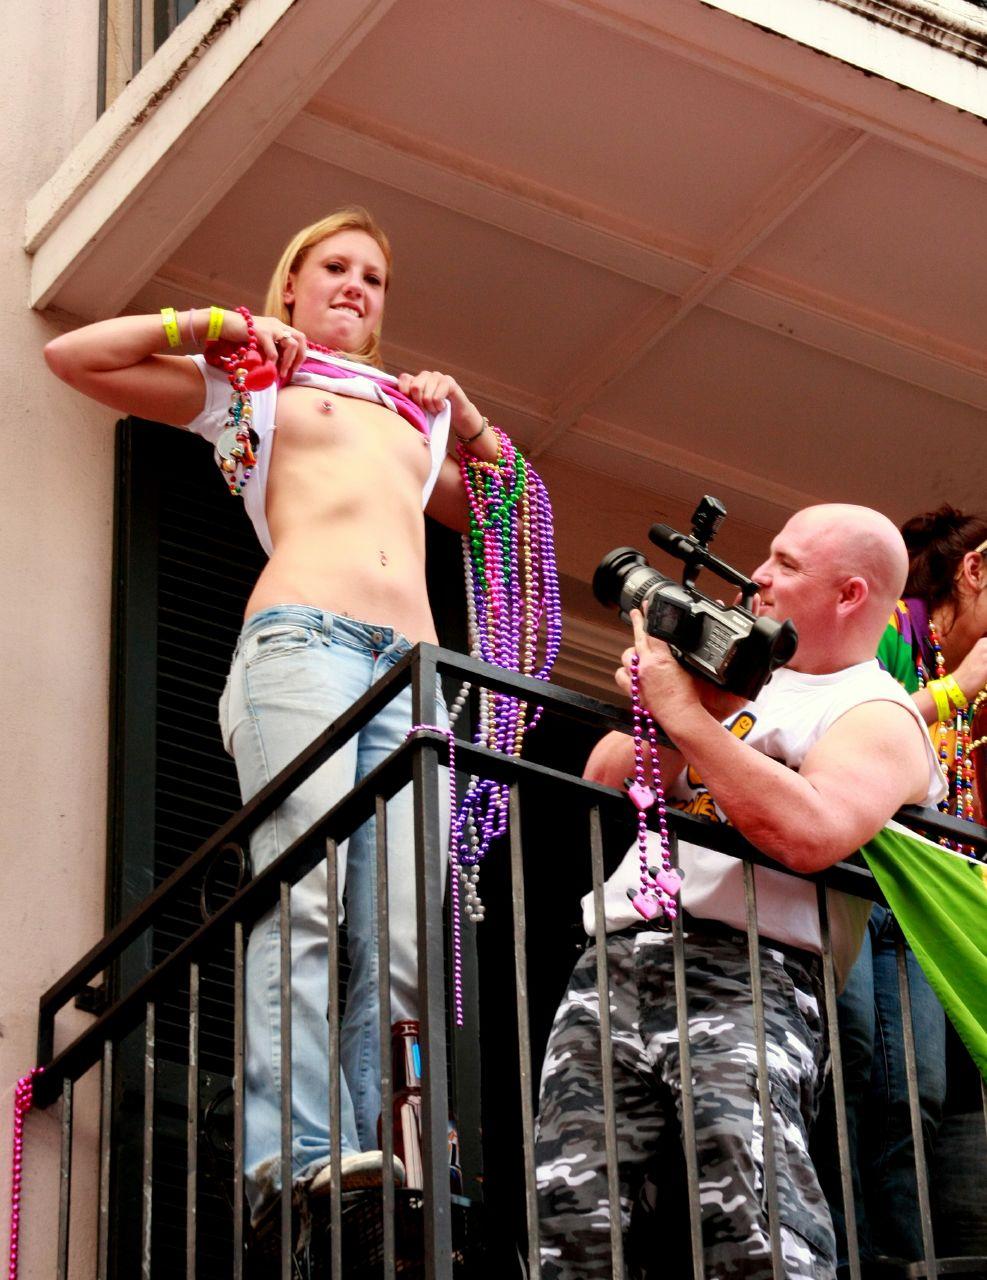 Frau zeigt öffentlich ihre nackten Brüste vor laufender Kamera.